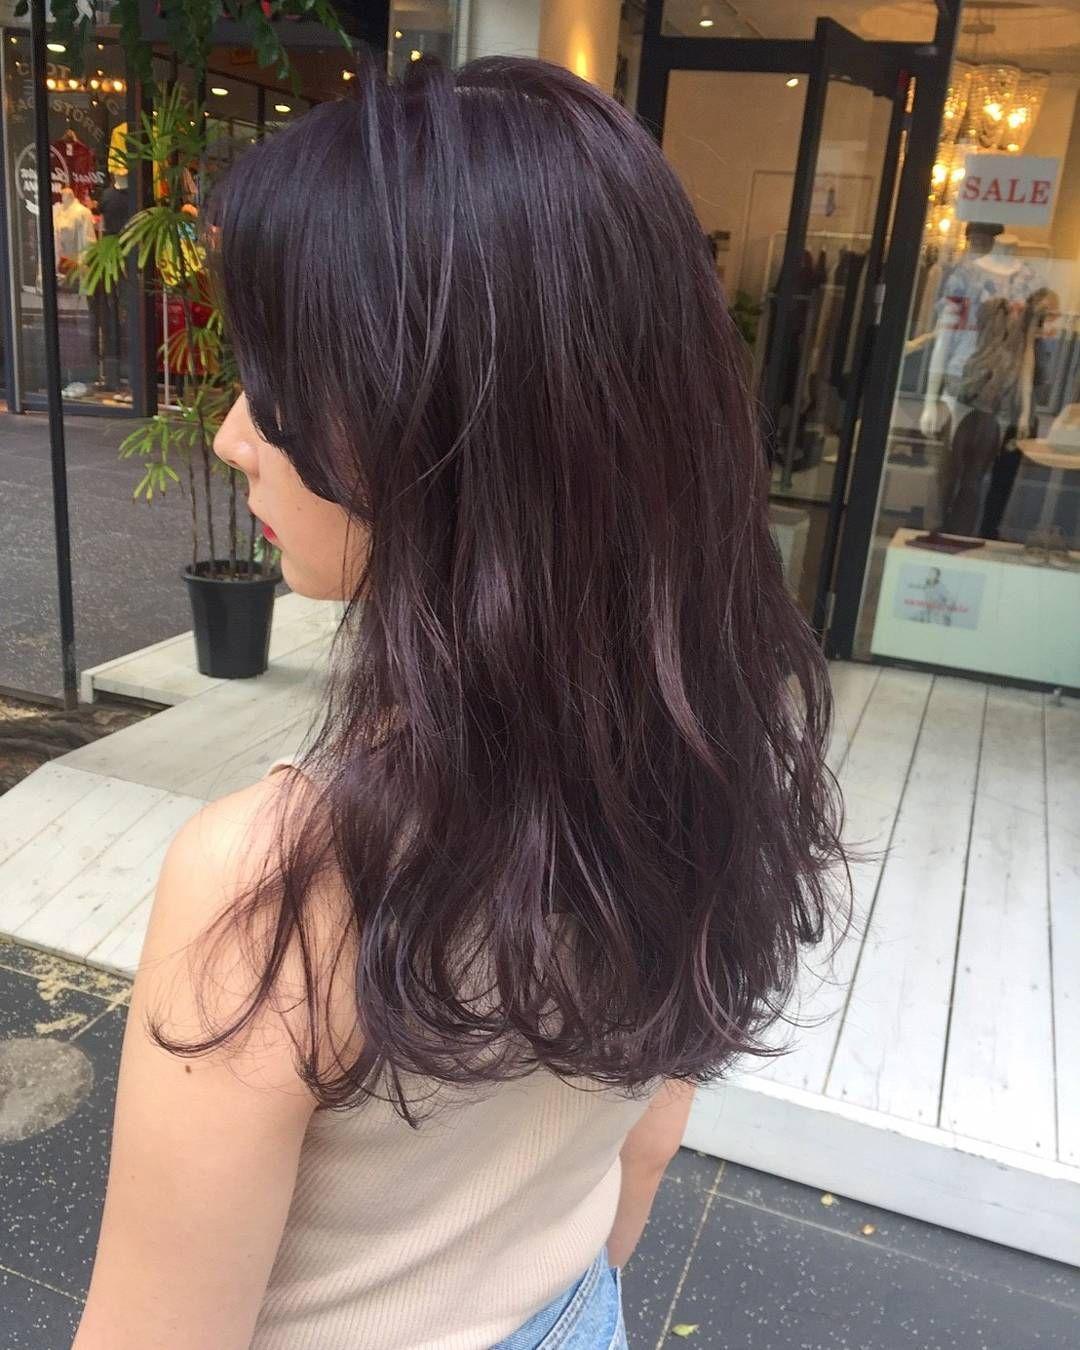 桃田秀人 On Instagram ディープラベンダー ラベンダー ピンク ヘアカラー ヘアスタイル イルミナ イルミナカラー バイオレット ヘアカラー ヘアカラー 髪色 ピンク